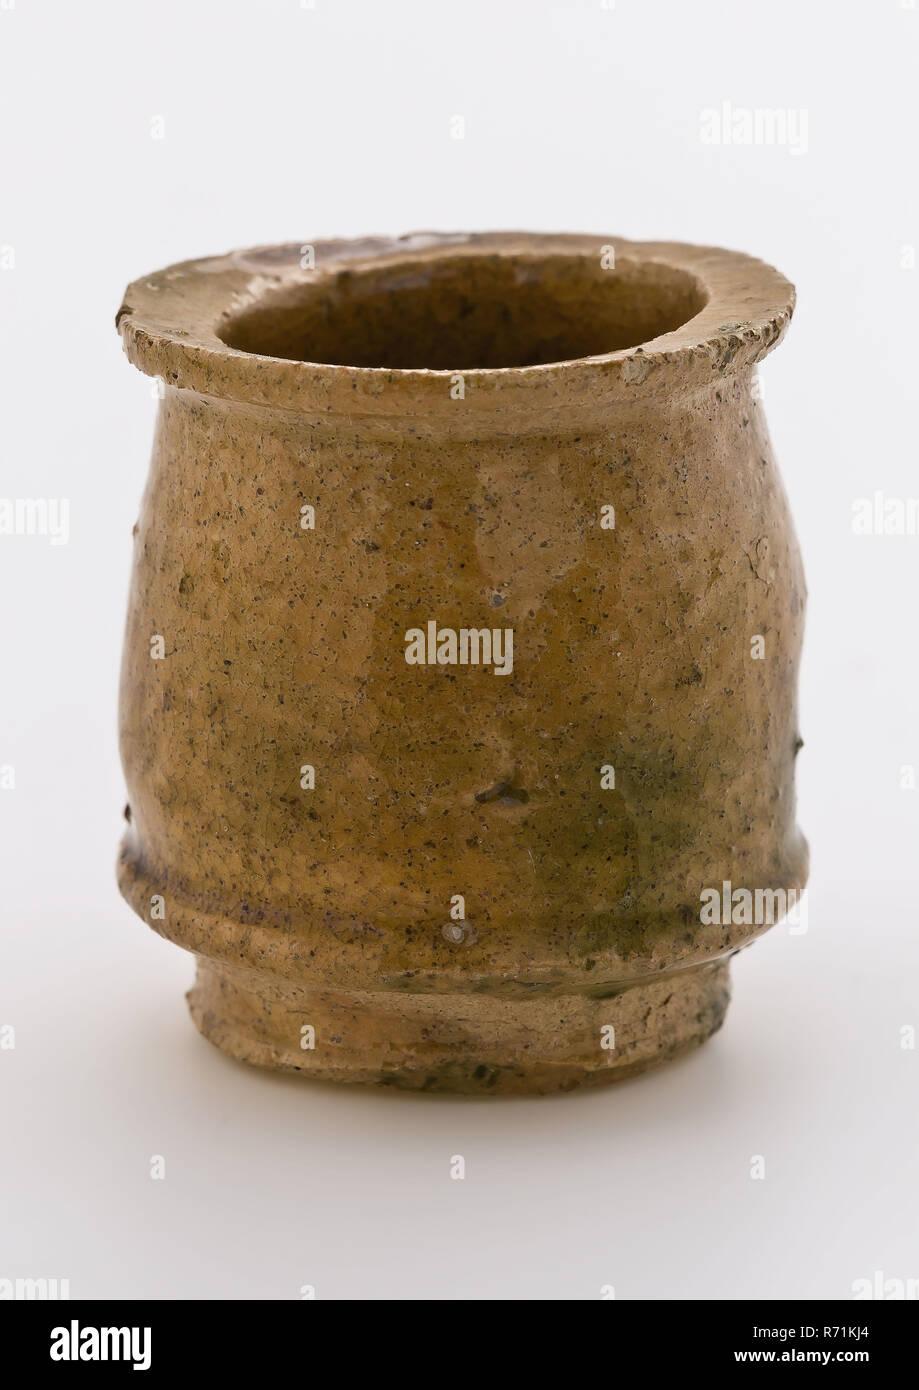 Smalto Per Ceramica E Sanitari.Ceramiche Vaso Di Unguento Modello Del Ventre Bianco Shard Giallo